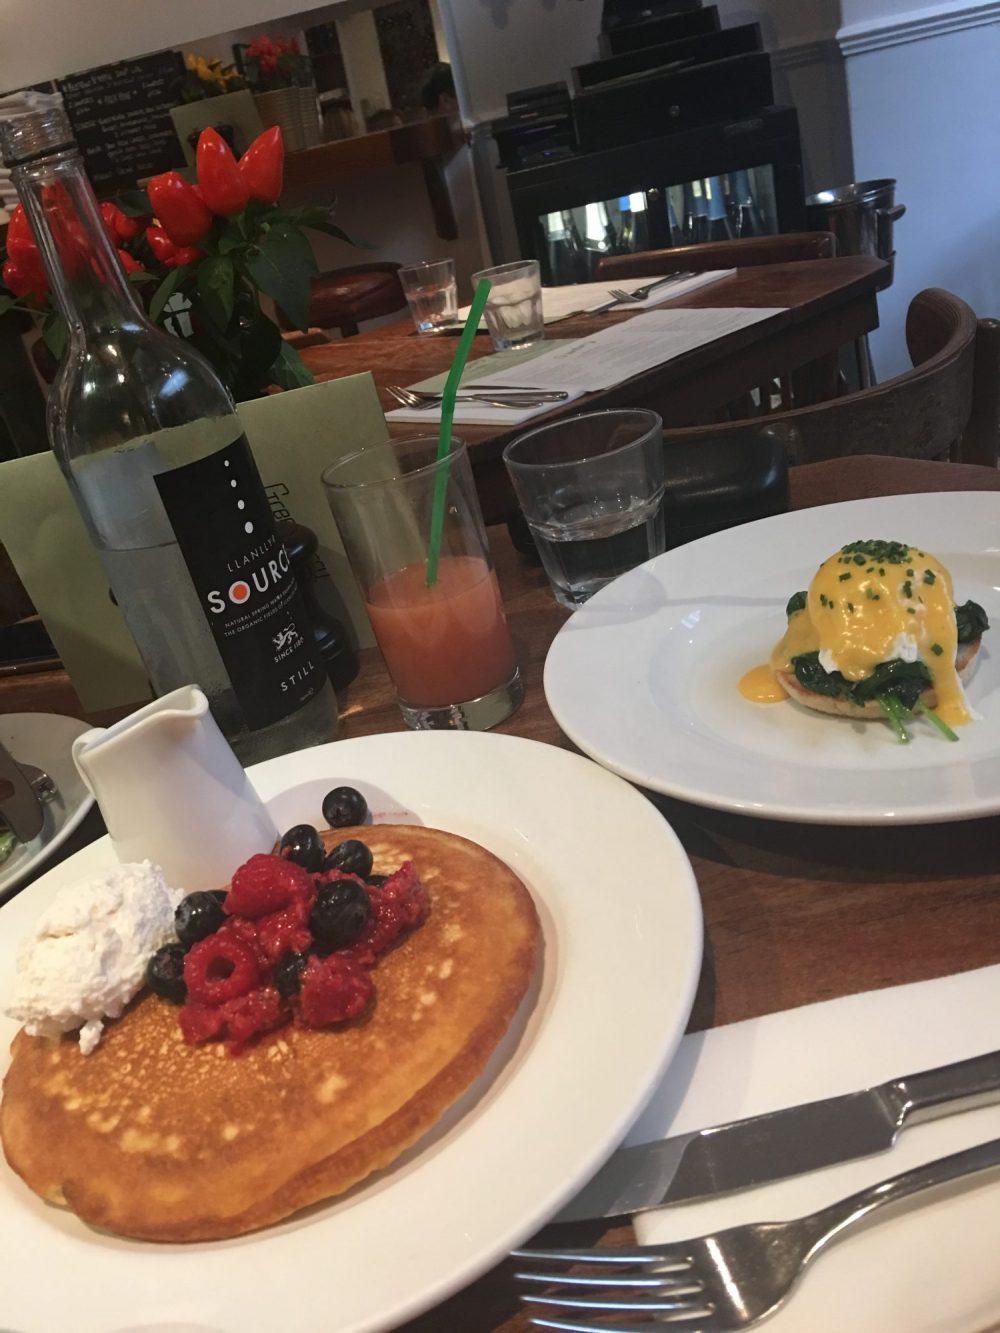 Best Brunch Spots in London on 2018 Greenberry Cafe